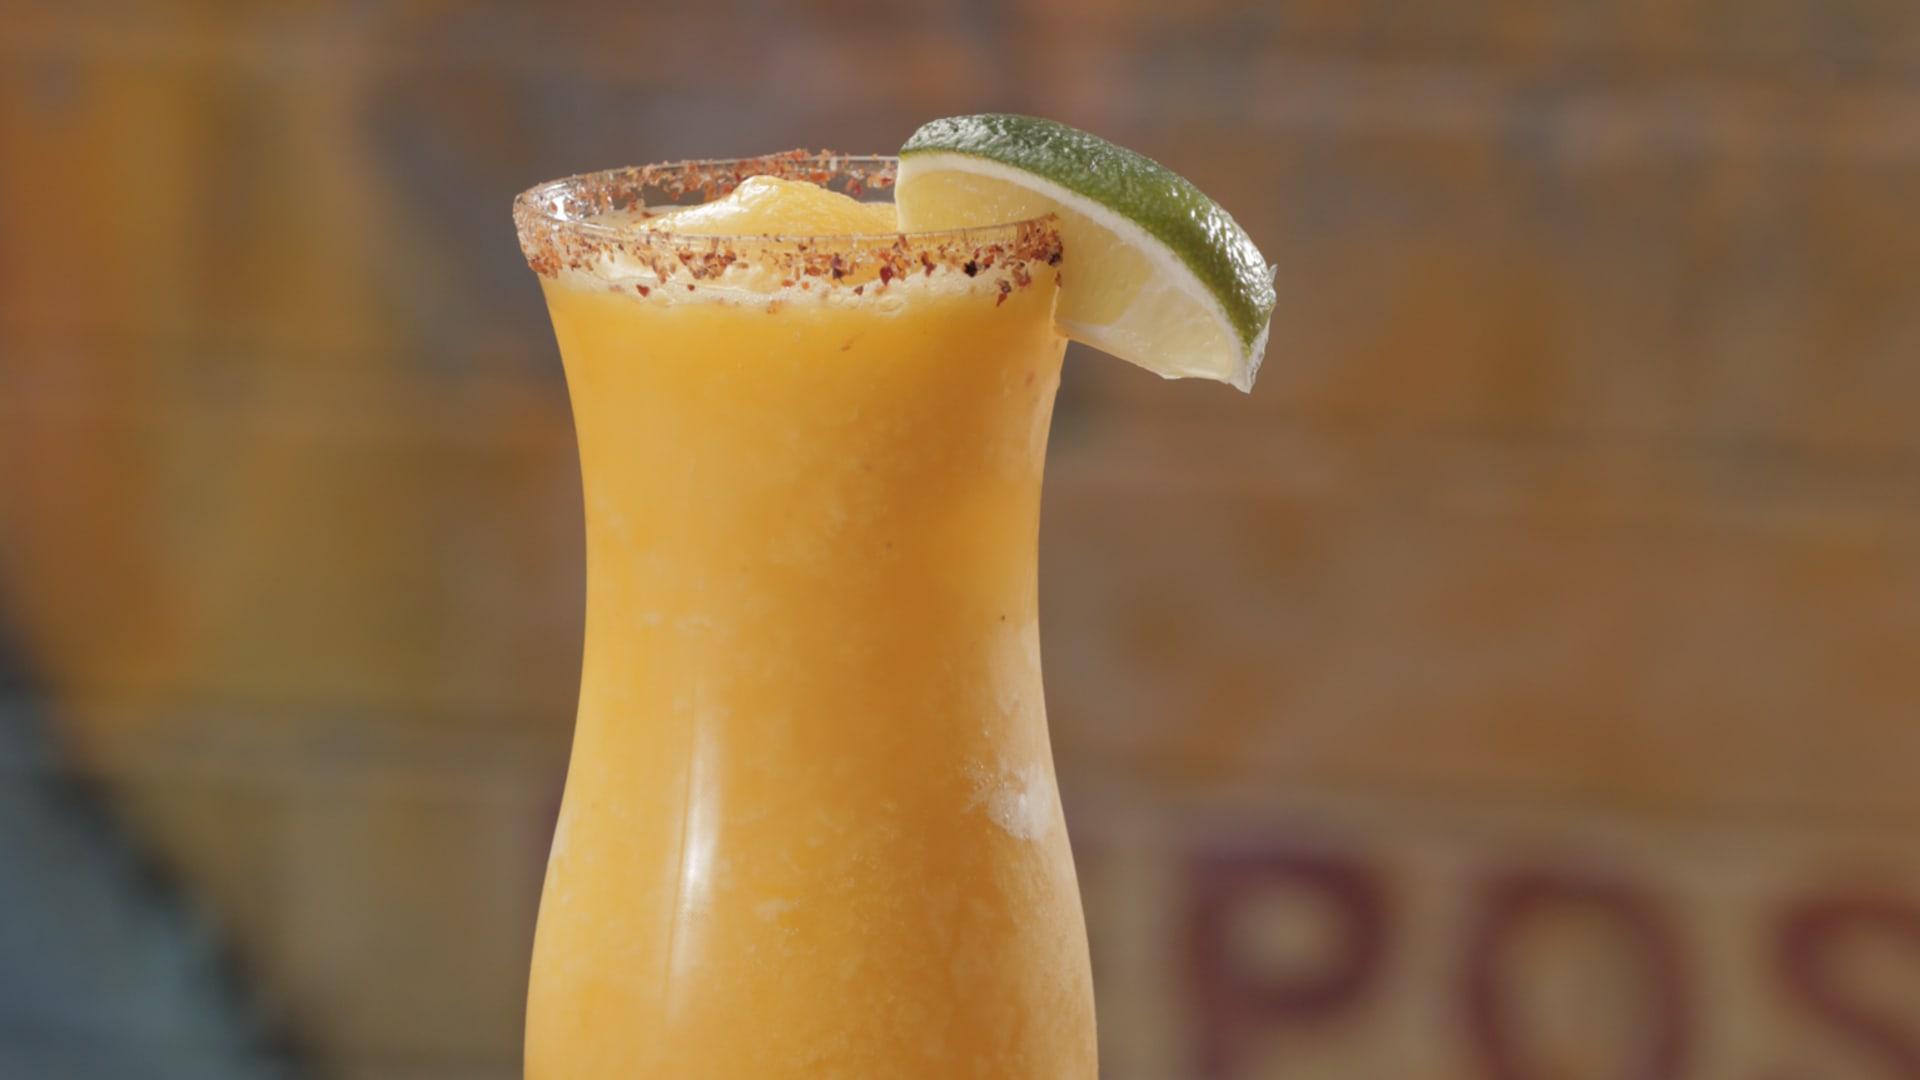 North Scottsdale Drink List